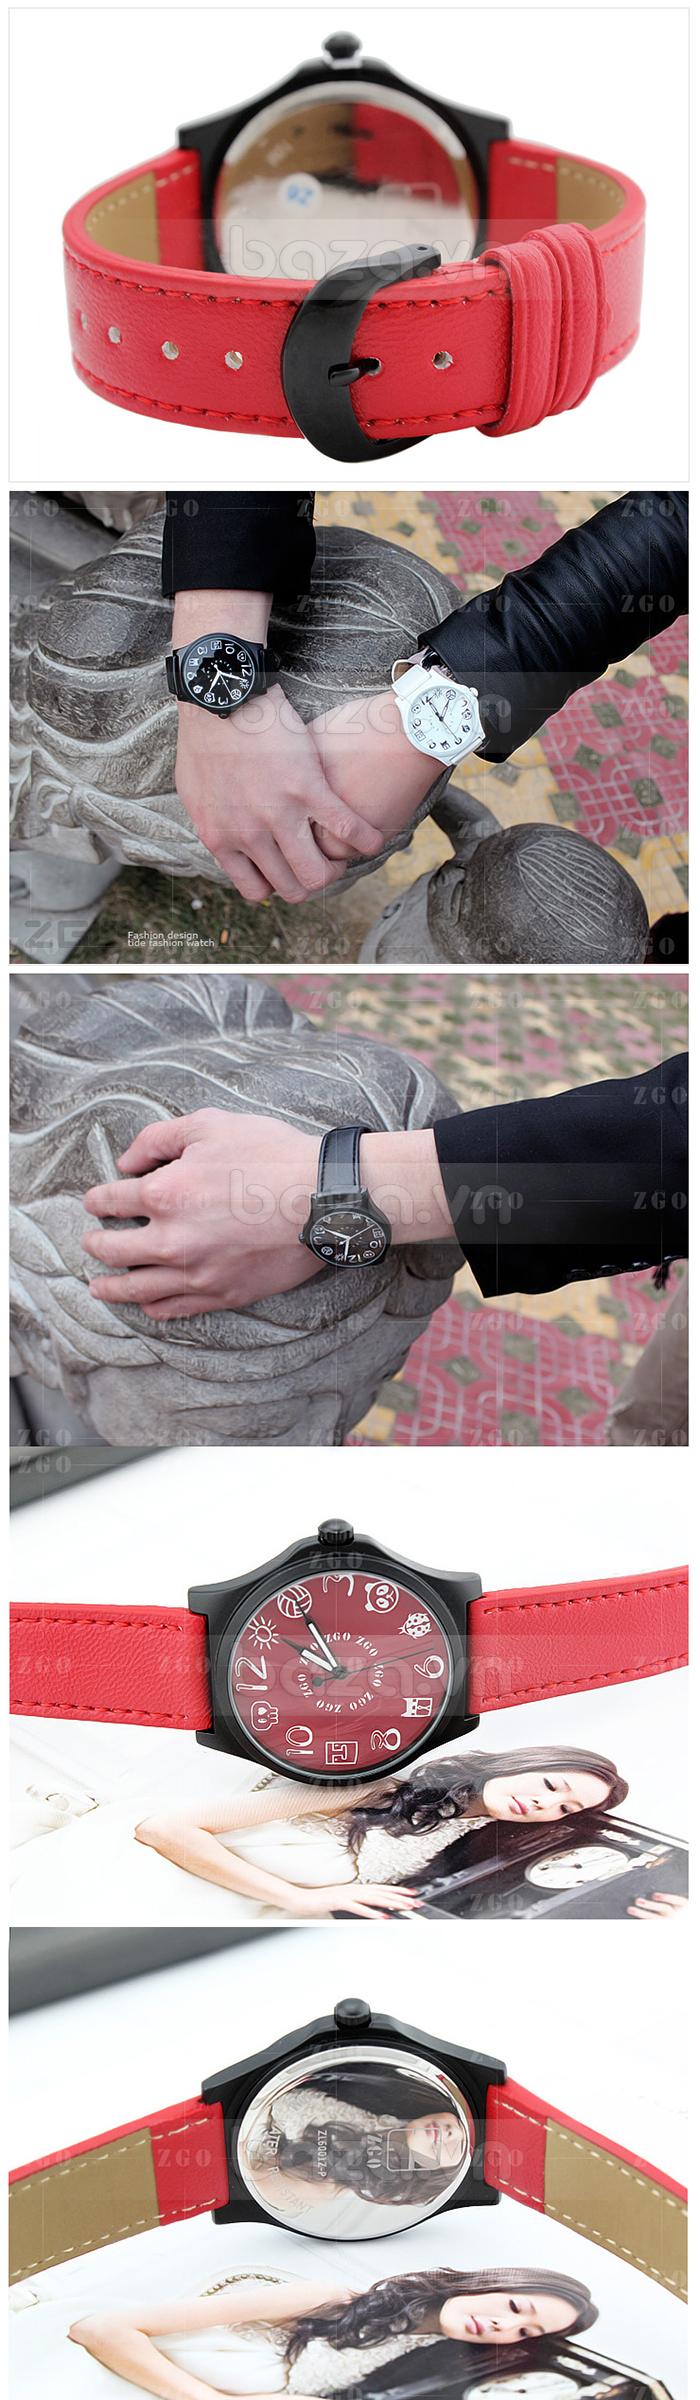 Đồng hồ thời trang KIMIO biểu tượng ngộ nghĩnh màu sắc ấn tượng